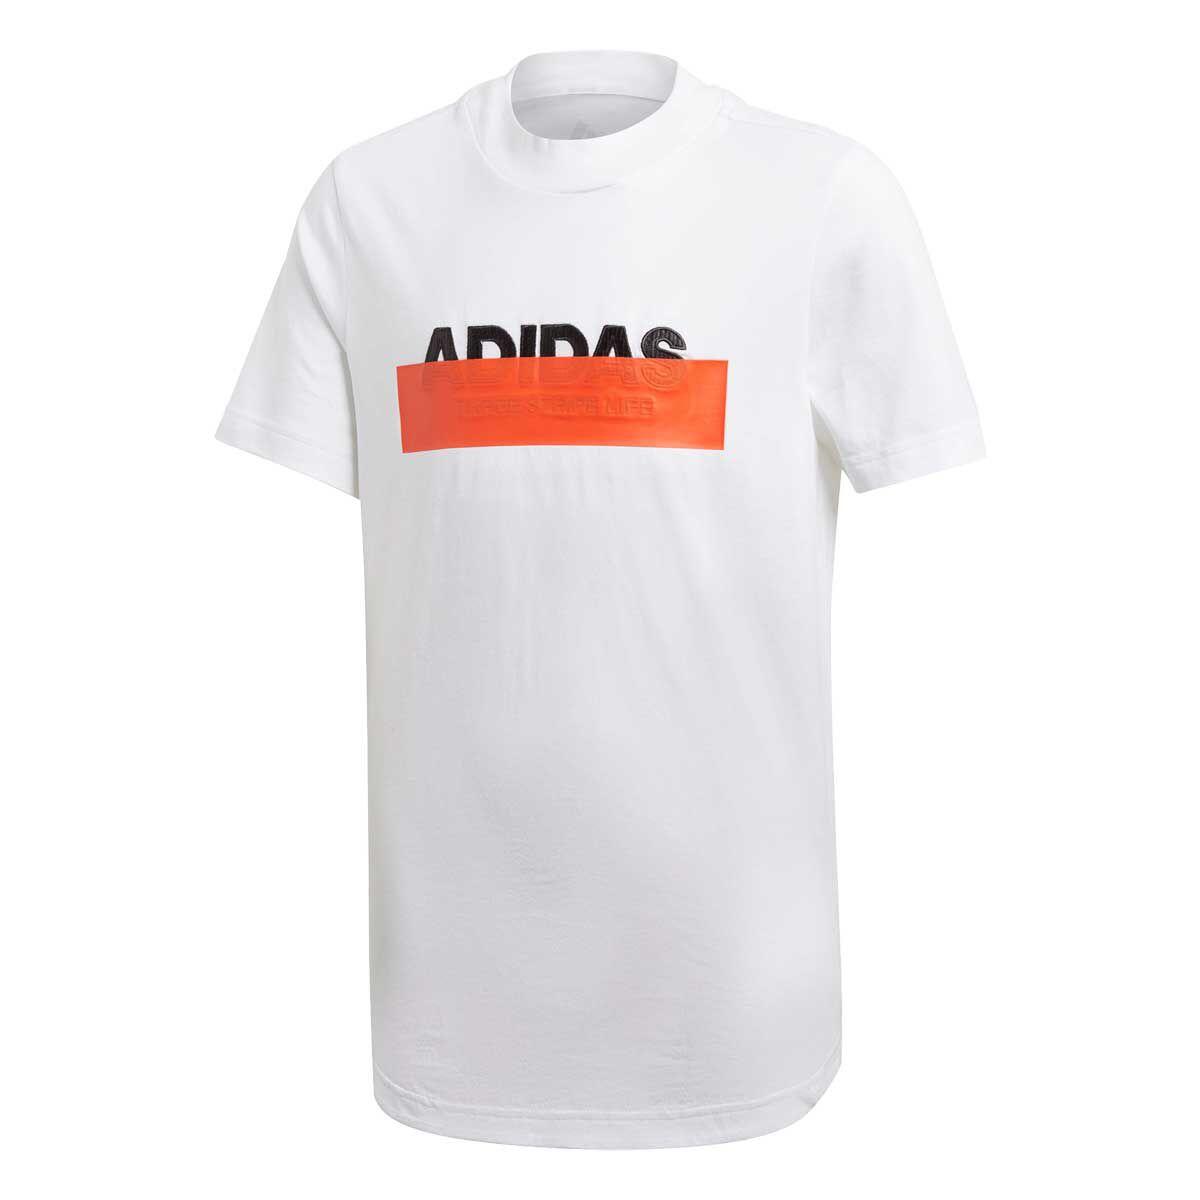 adidas shirt rebel